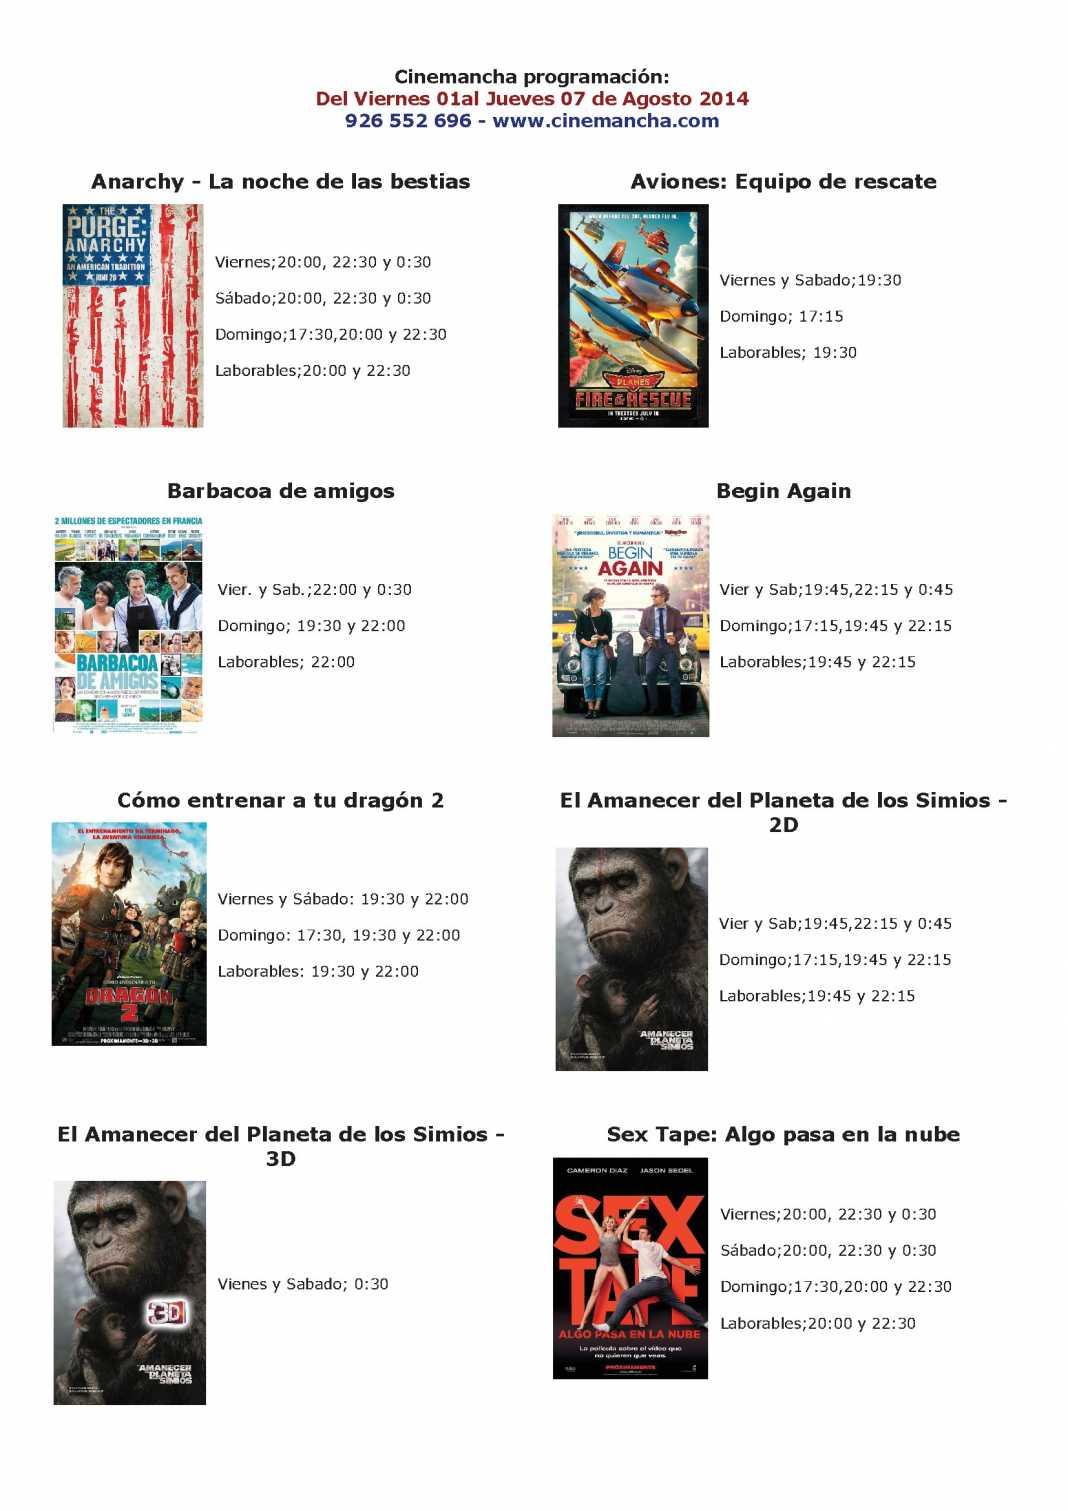 cartelera de cinemancha del 01 al 07 de agosto 1068x1511 - Cartelera de Cinemancha del 01 al 07 de agosto